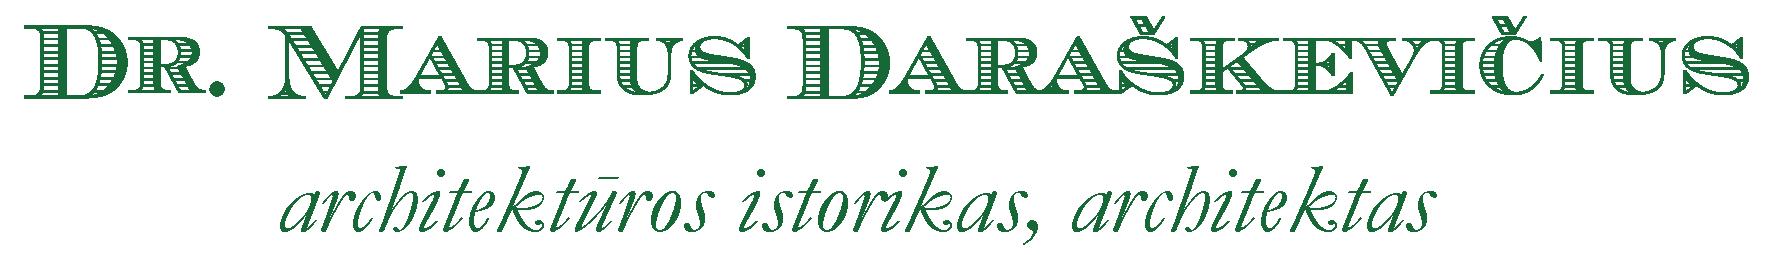 Marius Daraškevičius